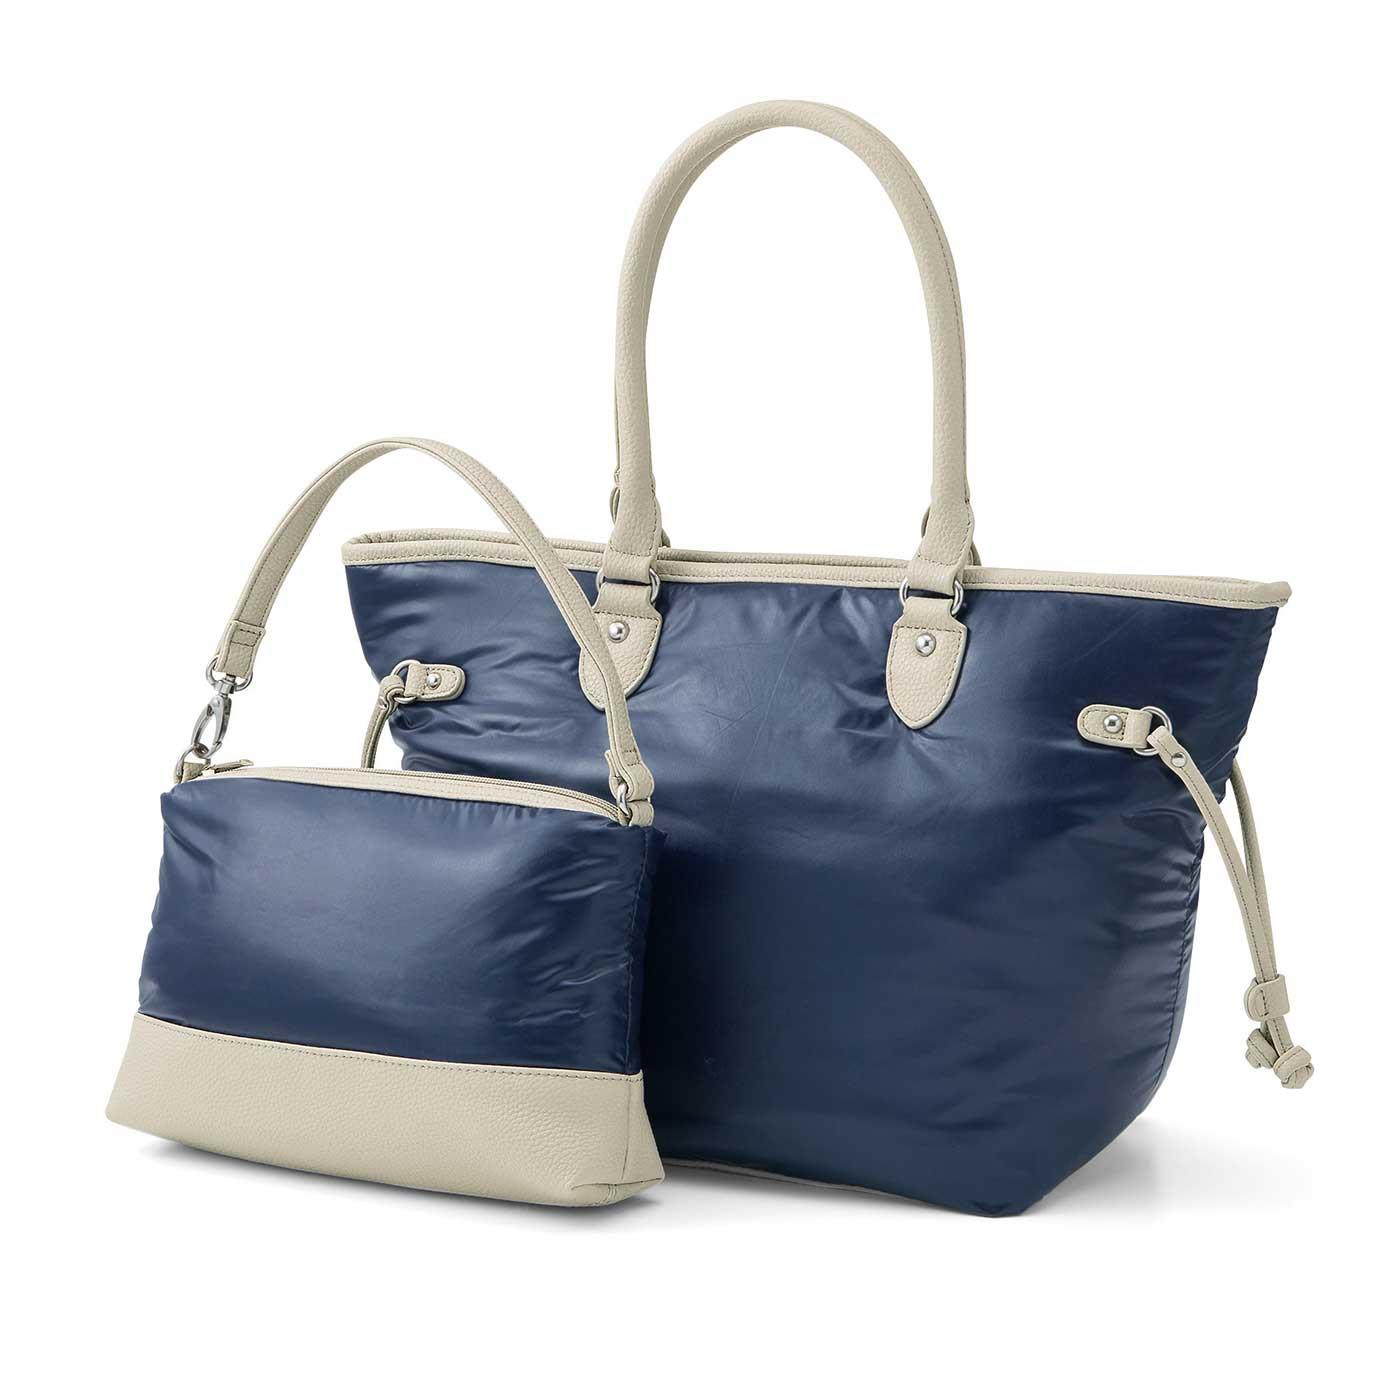 フェリシモ ミニバッグ付きだから使い方広がる 大人女子のためのすっきりトートバッグの会【定期便】